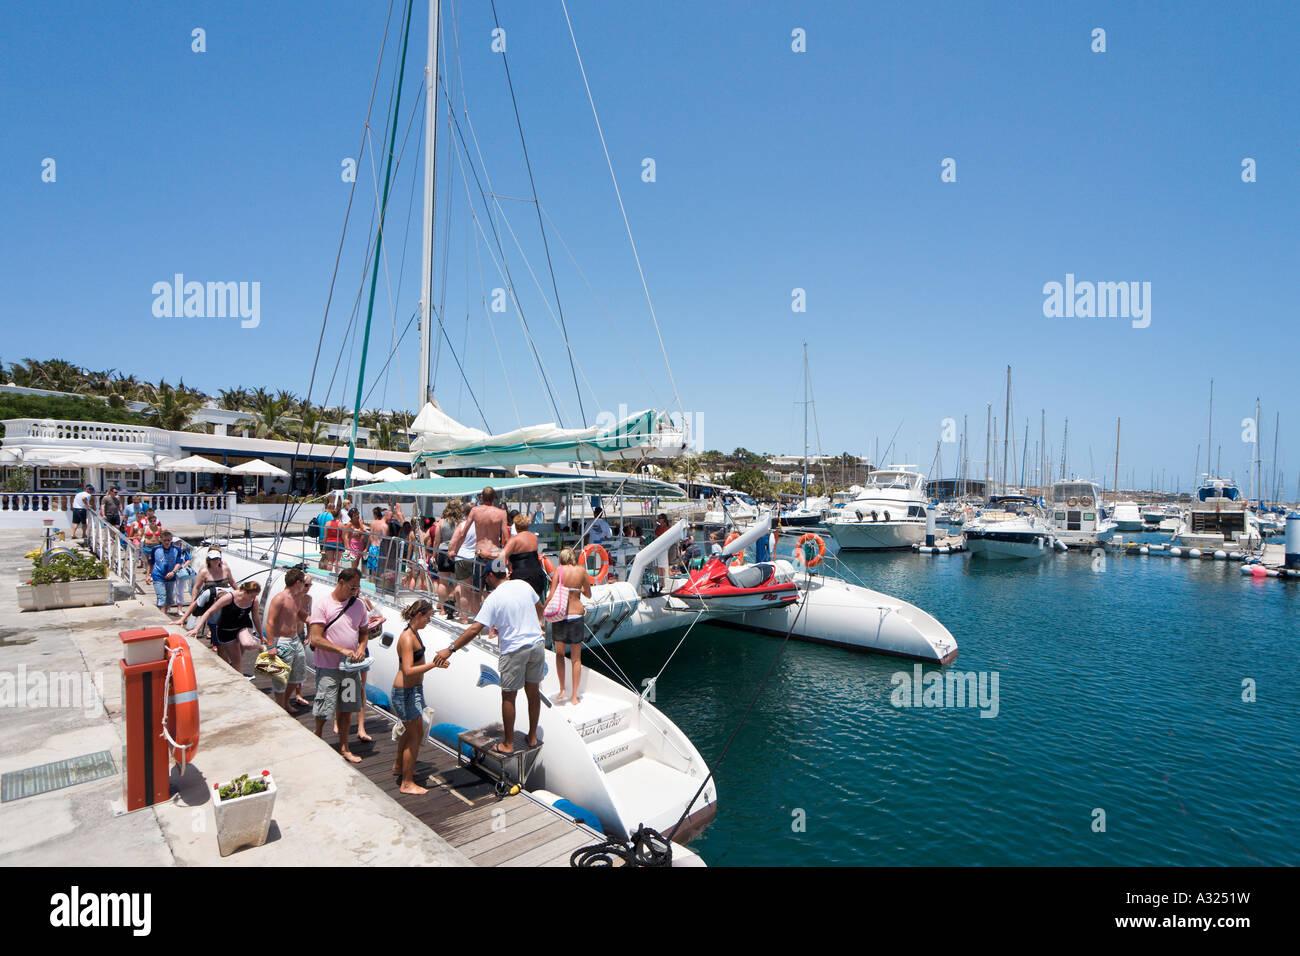 Lanzacat Ausflug Katamaran, Puerto Calero, Lanzarote, Kanarische Inseln, Spanien Stockbild